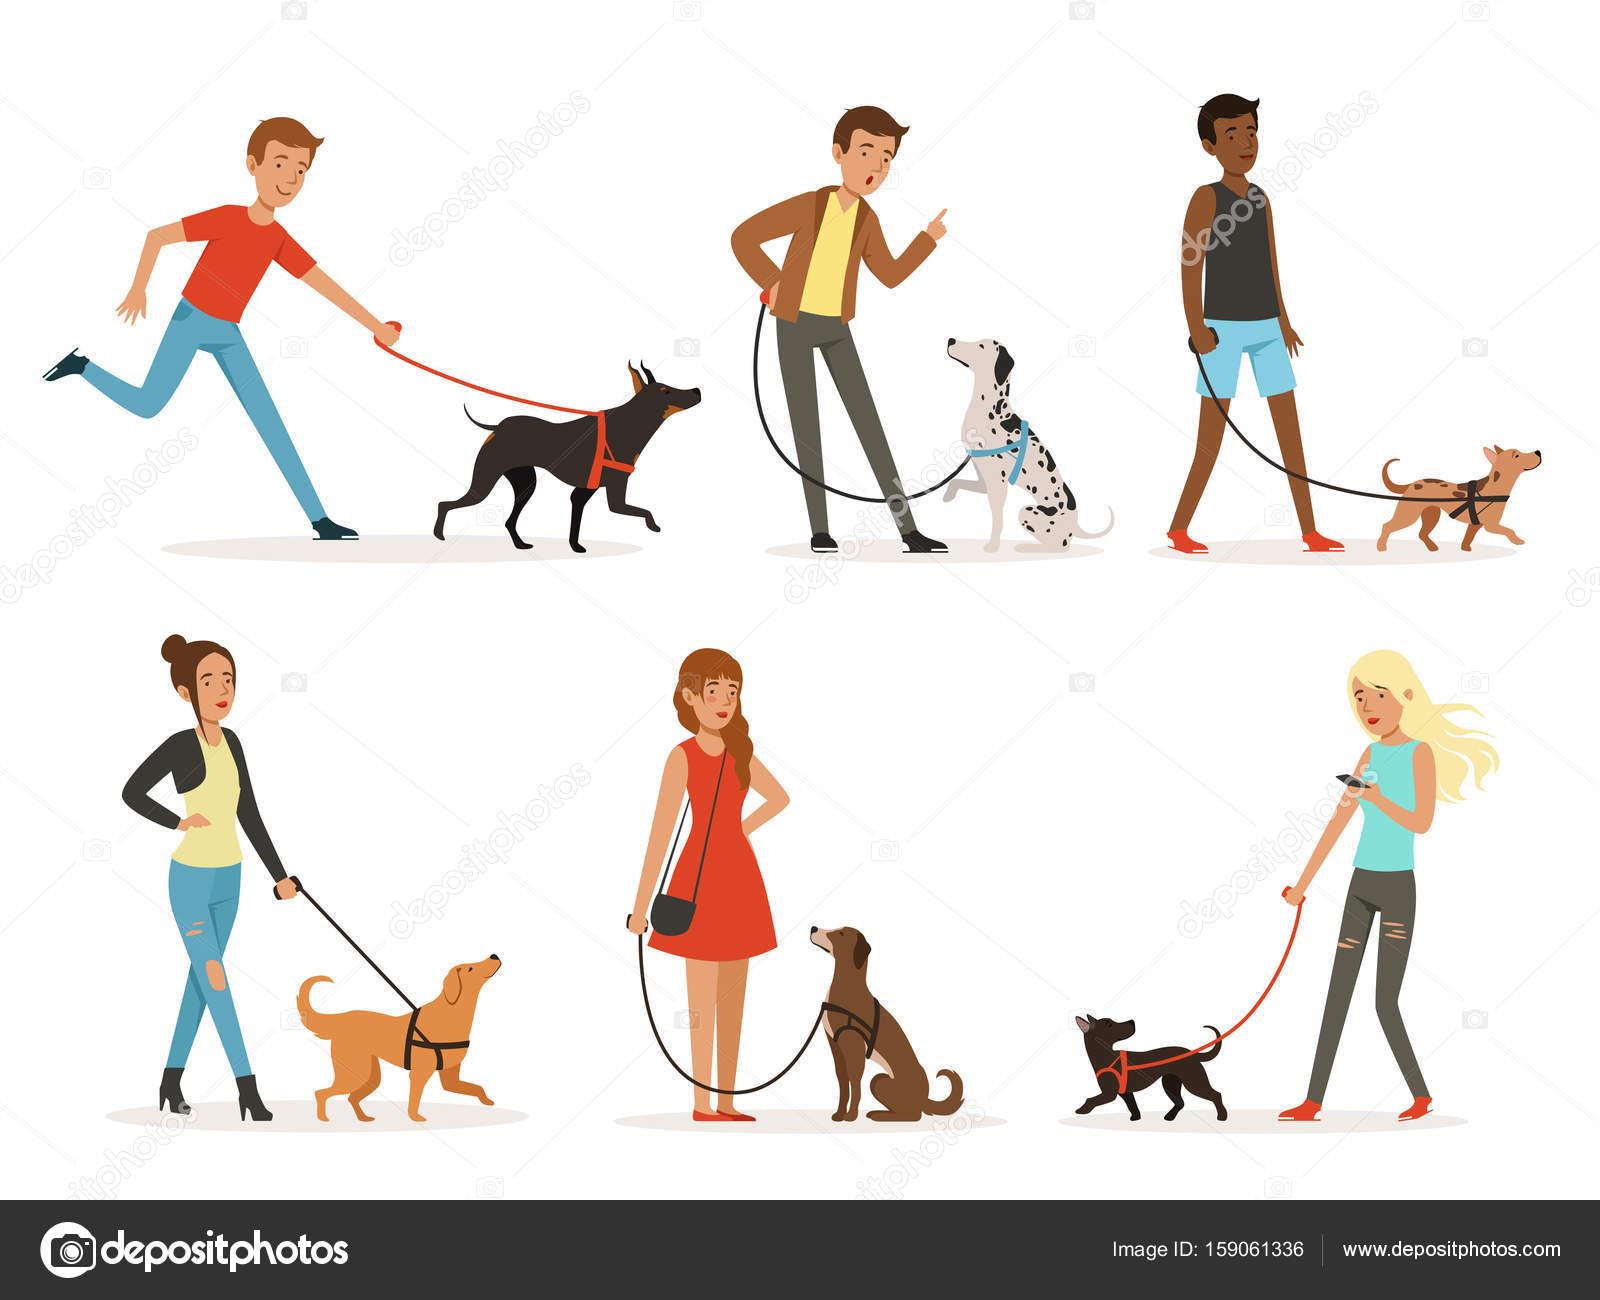 Dibujo Persona Caminando